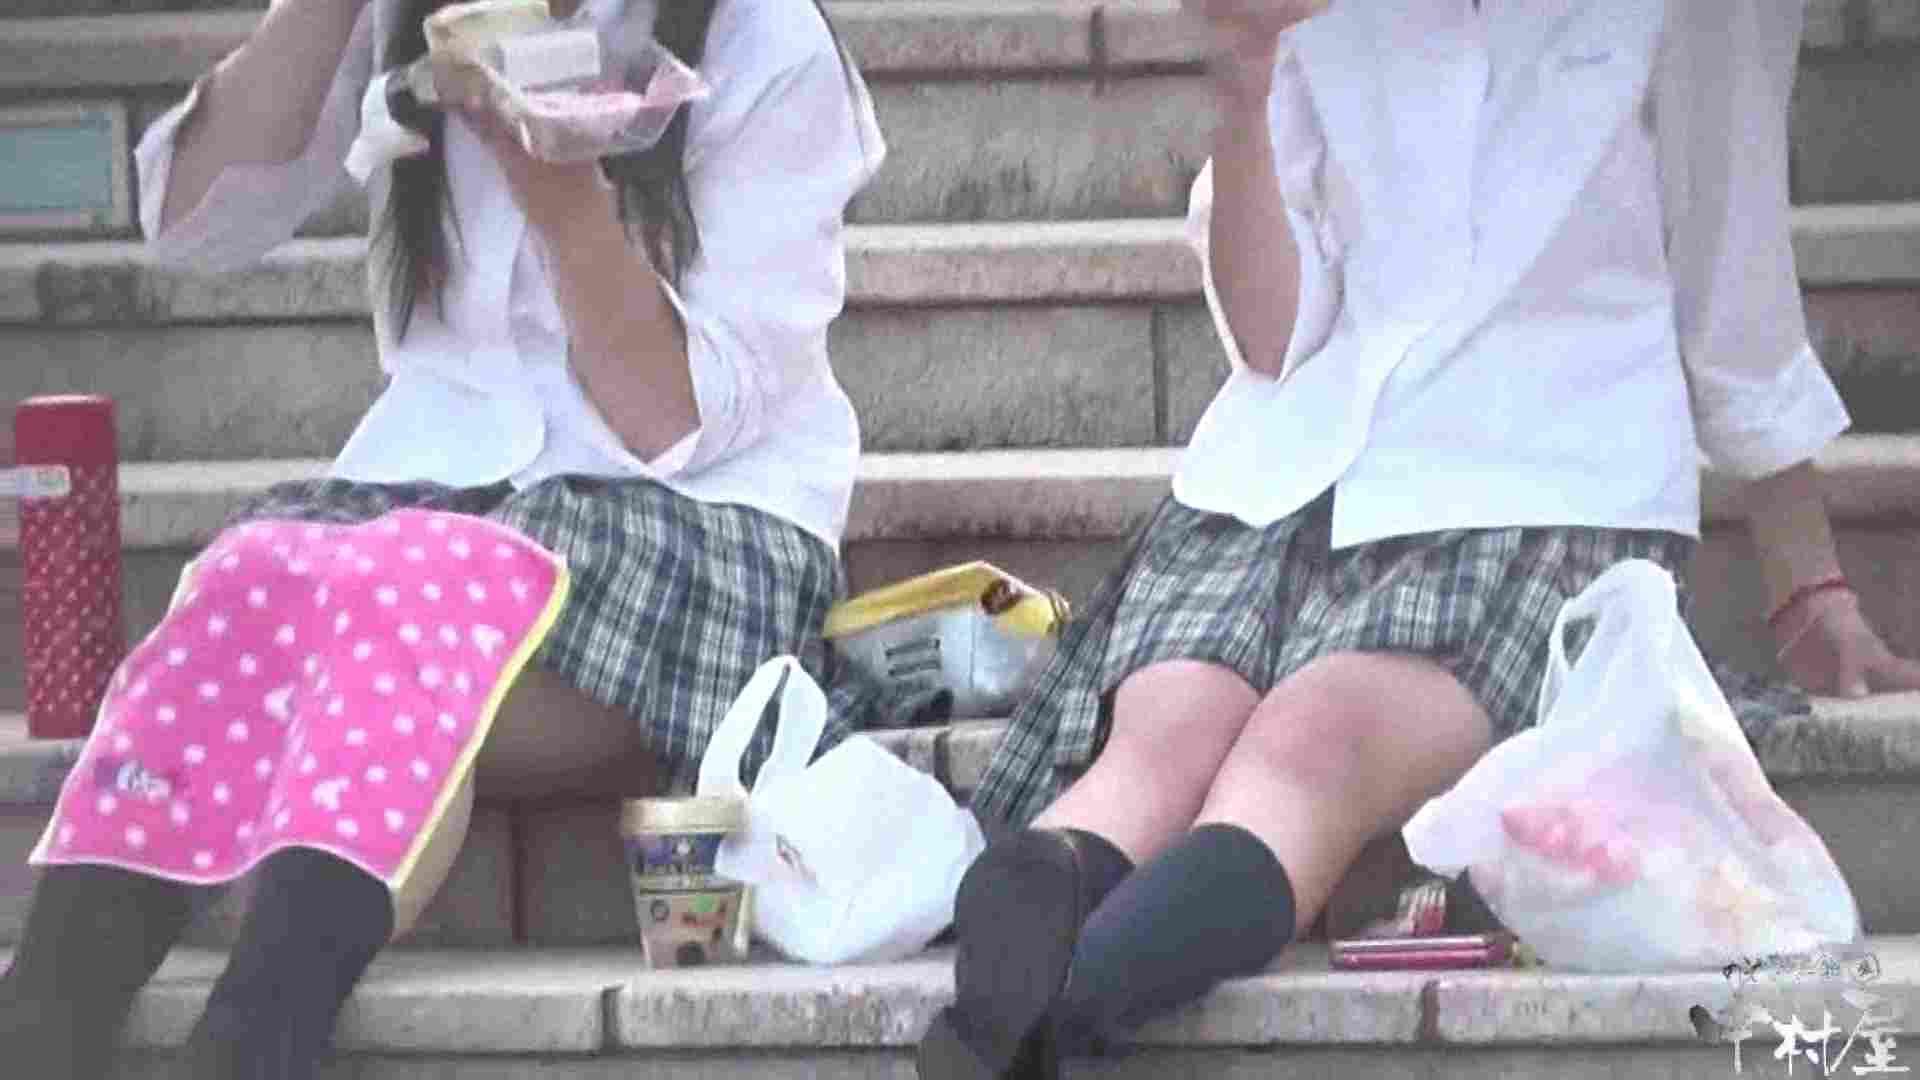 ドキドキ❤新入生パンチラ歓迎会vol.22 盗撮シリーズ すけべAV動画紹介 77PIX 2